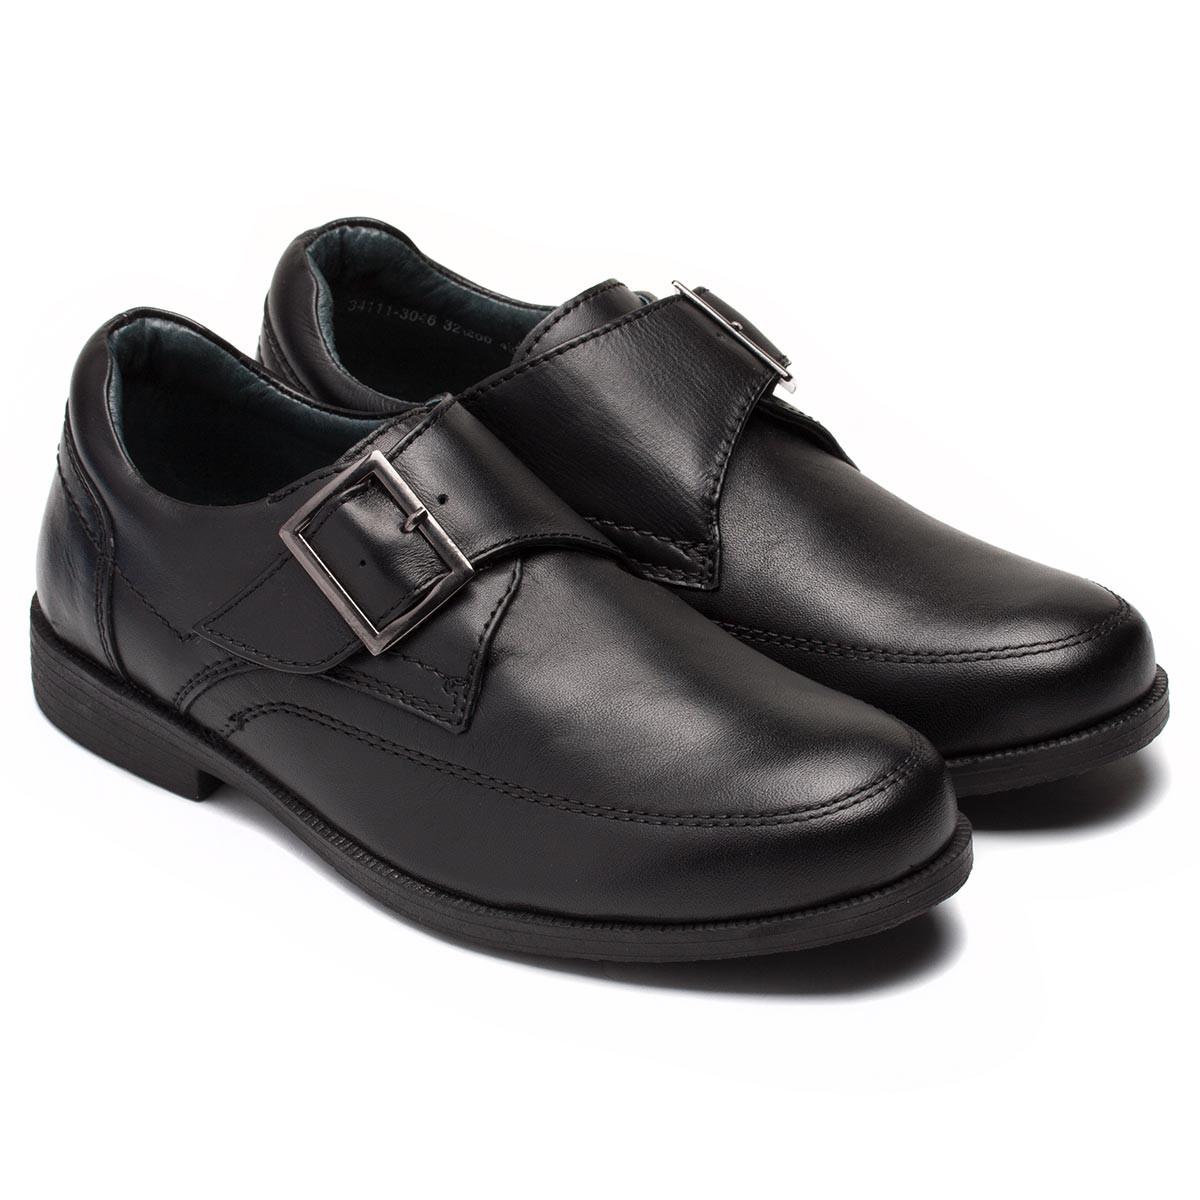 b5e5ef99d Школьные черные туфли Antilopa для мальчиков, на липучке, размер 32 ...